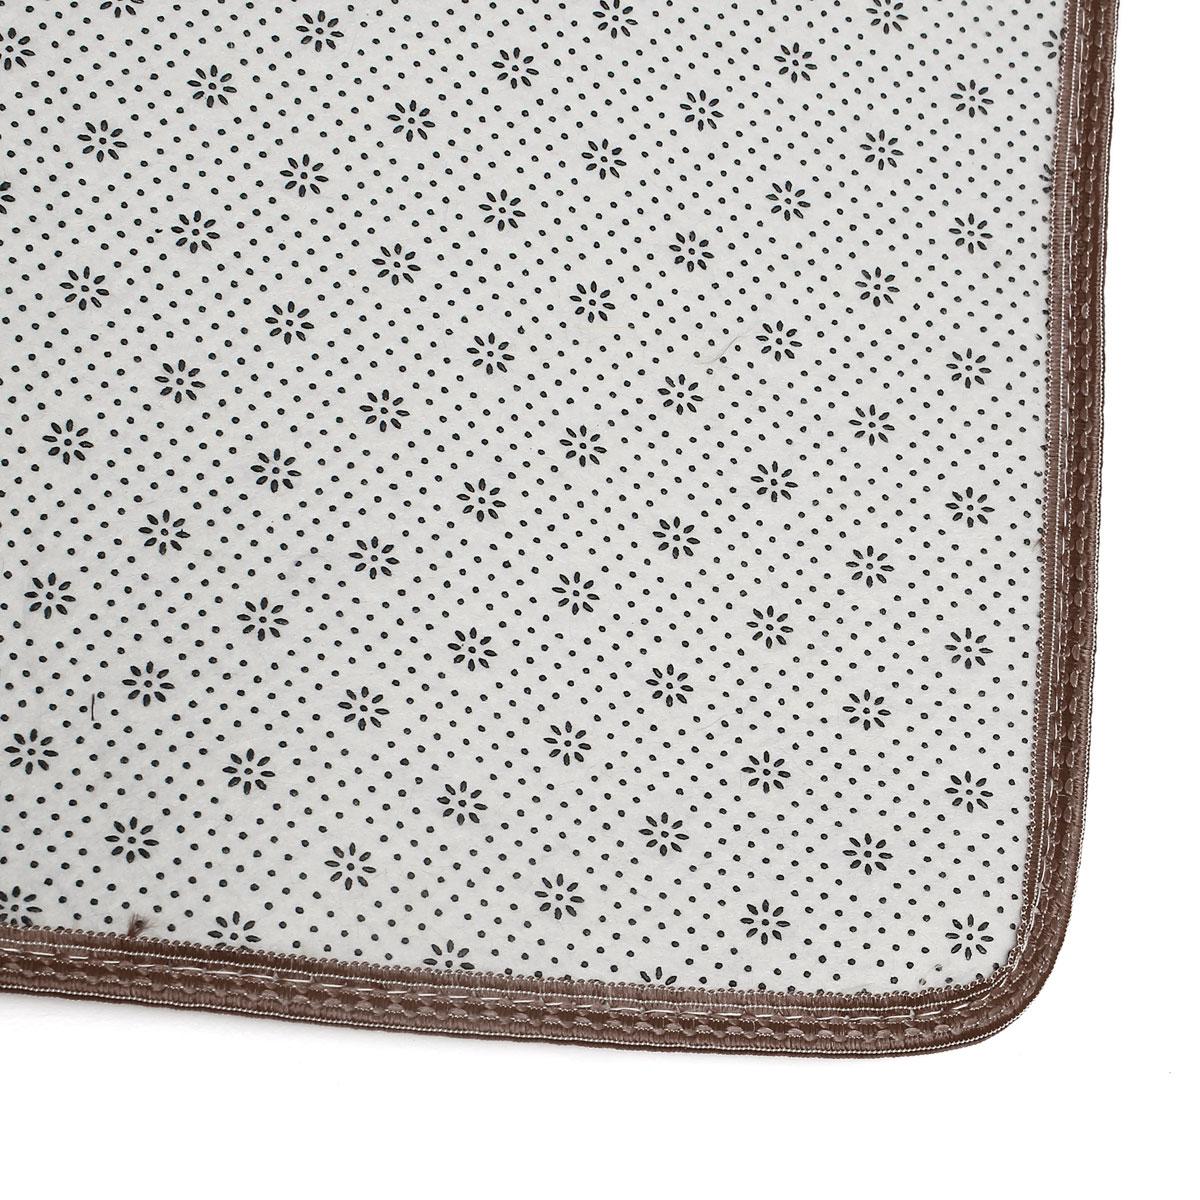 90x160cm Bedroom Fluffy Floor Carpet Mat Soft Shaggy Blanket Non Slip Living Room Rug